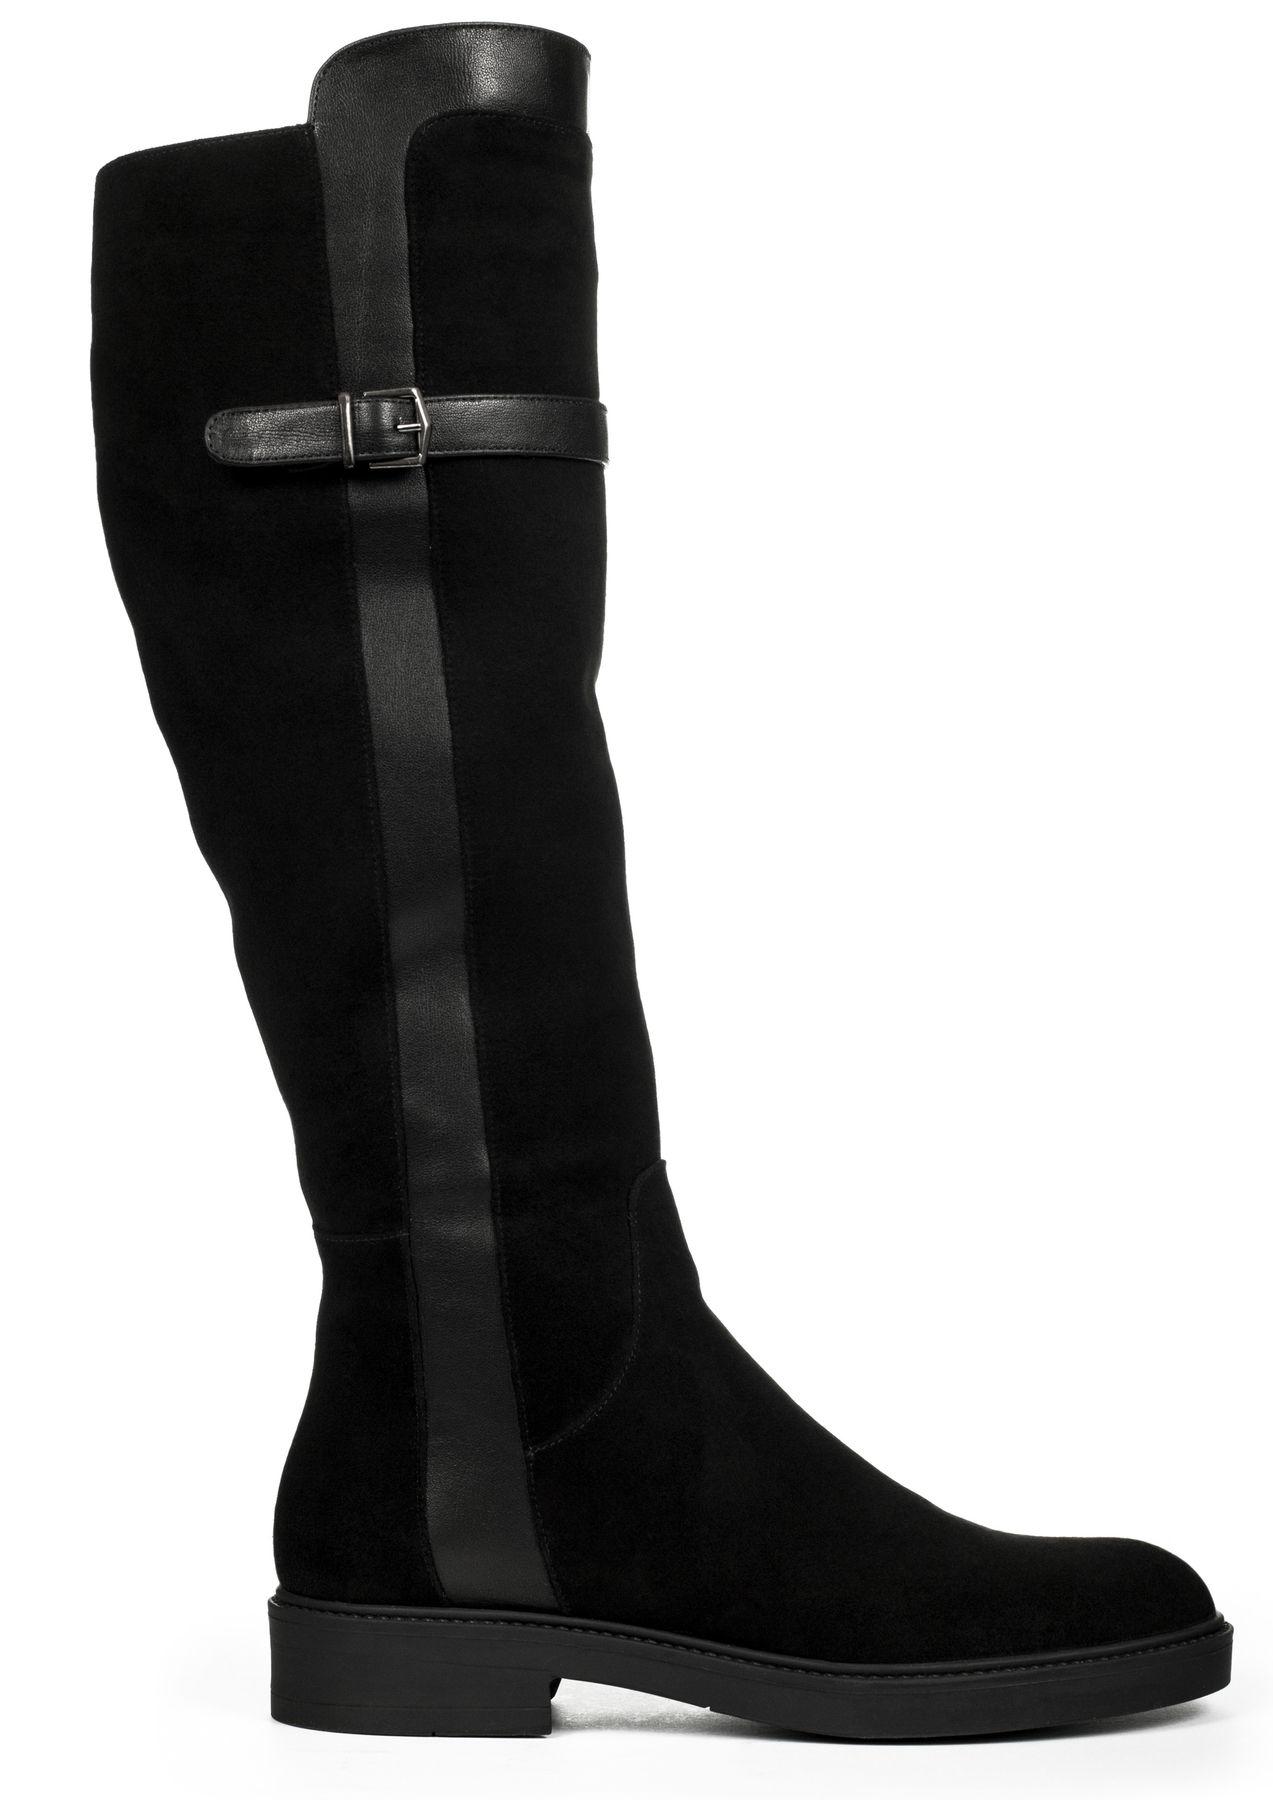 Замшеві чоботи купити в інтернет-магазині Wladna. Замовити Замшеві ... b9856a37162ab